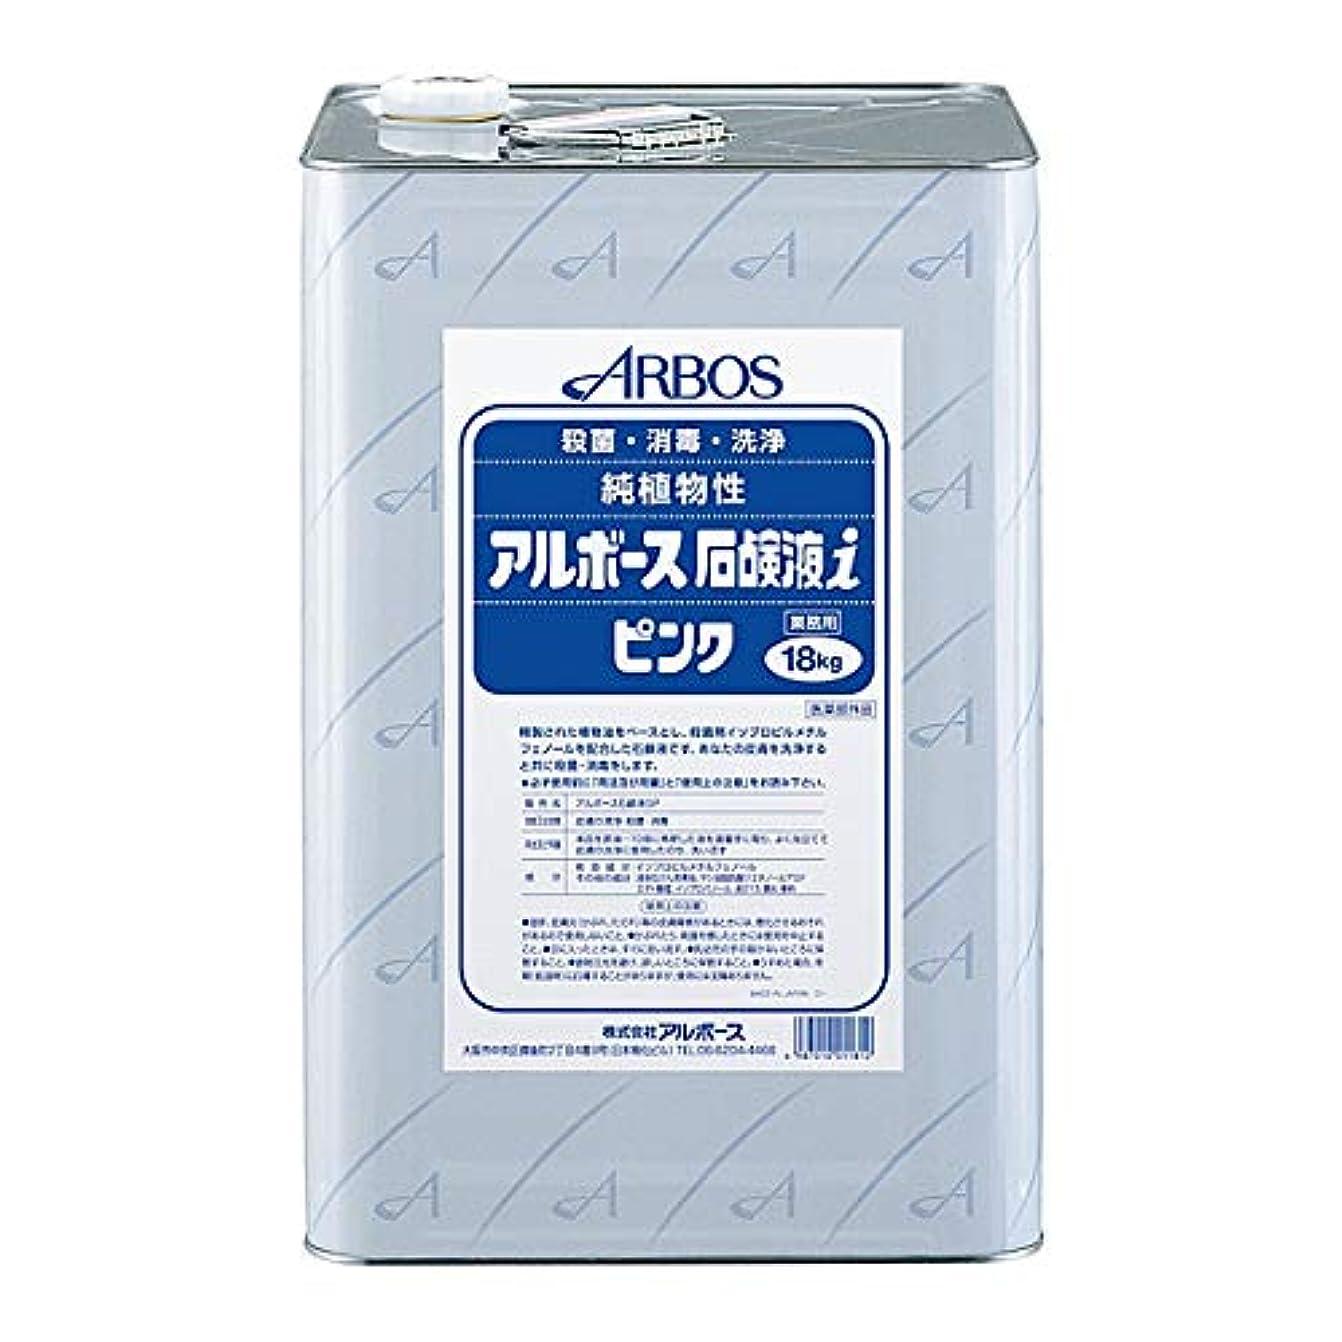 完全に乾く良さ苦しむ【清潔キレイ館】アルボース石鹸液i ピンク(18L)+つめブラシ1個 オマケ付